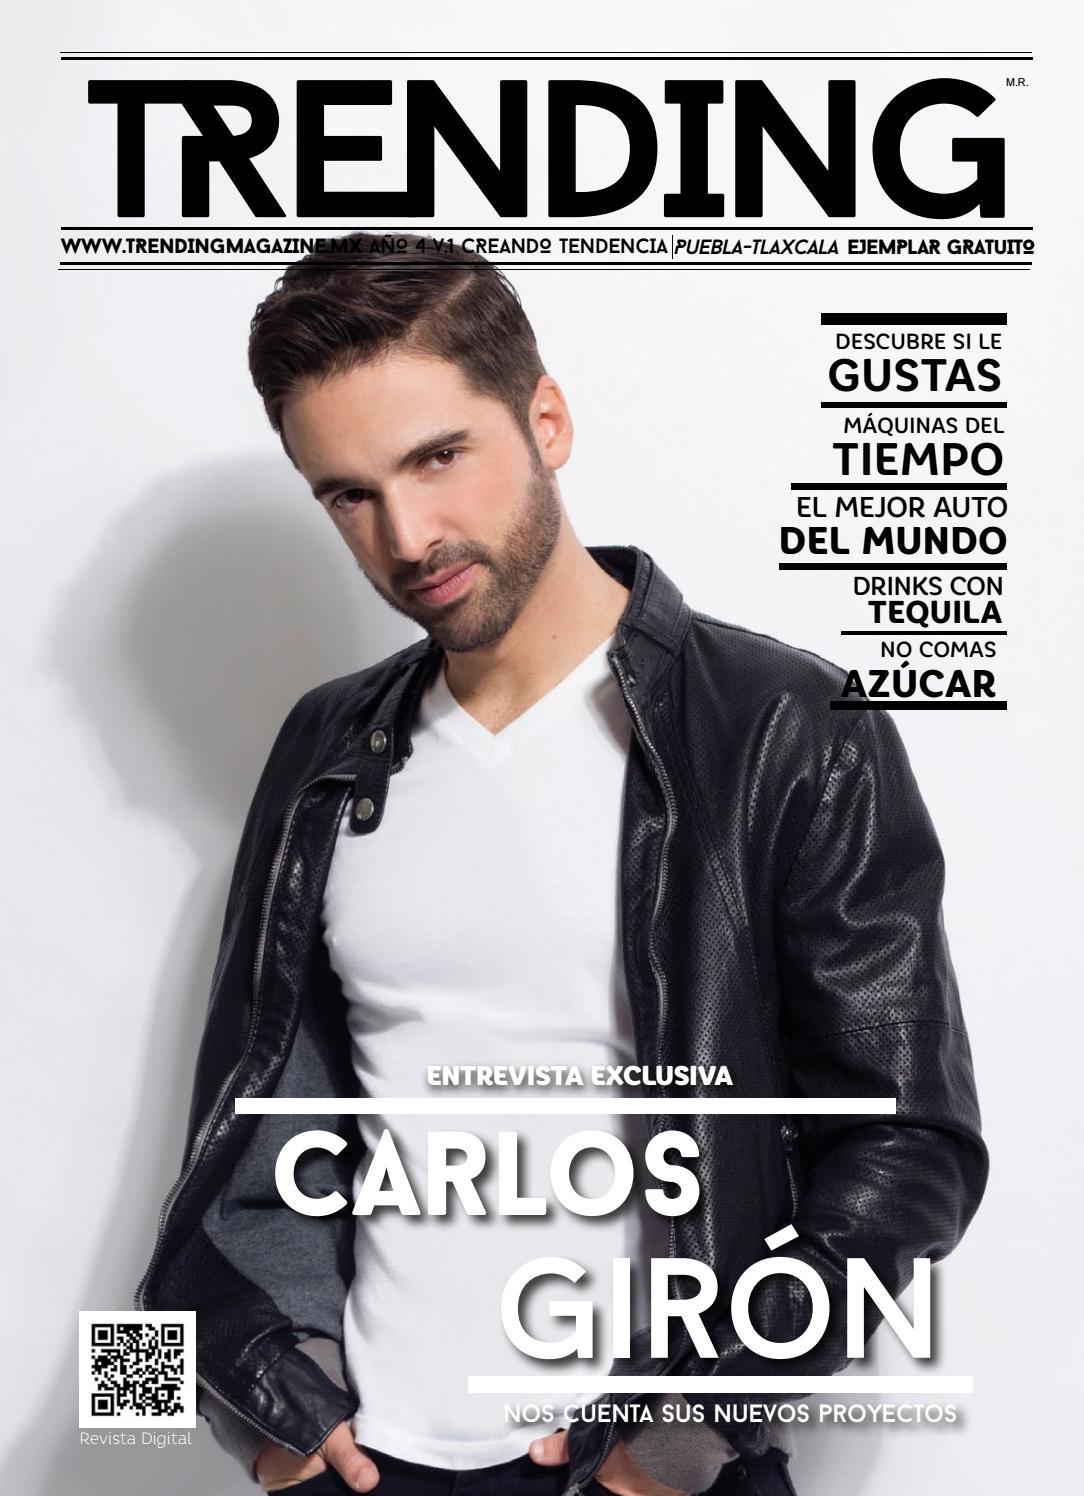 b4826fe9661f Carlos Girón by Trending Magazine - issuu